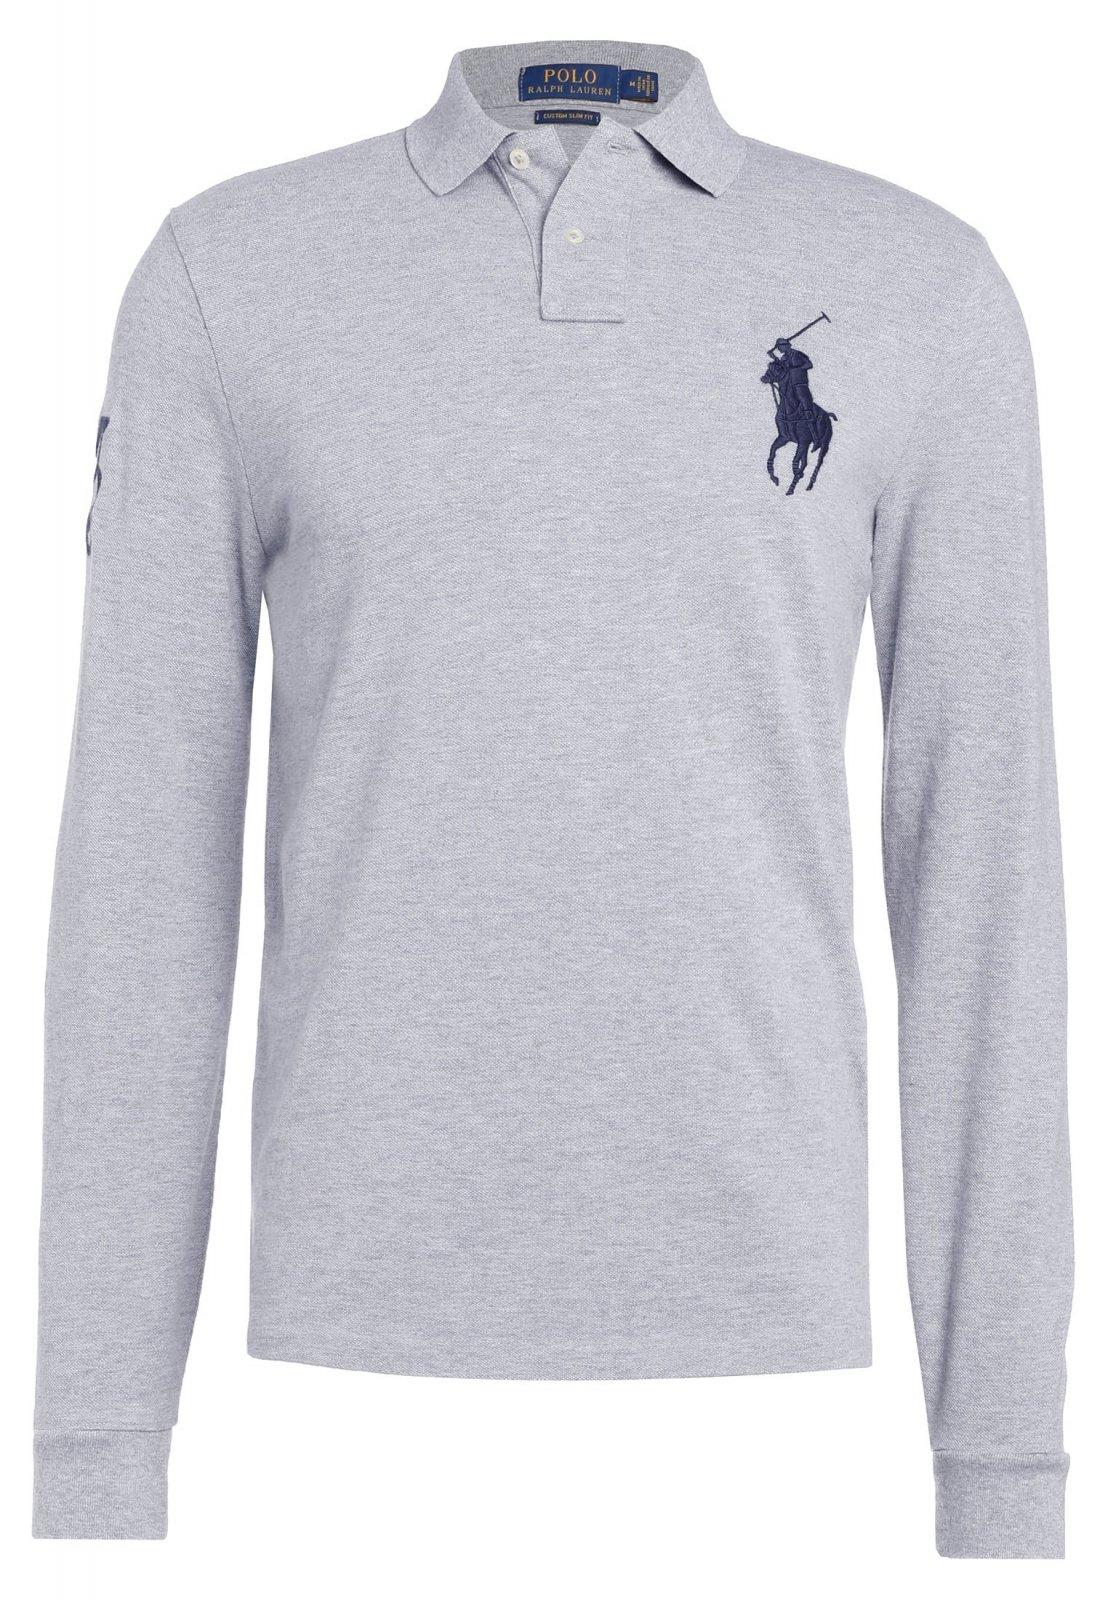 Polo big poney gris. Polo manches longues pour homme de la marque Ralph  Lauren gros logo   - 2 boutons. 5e60122fe00